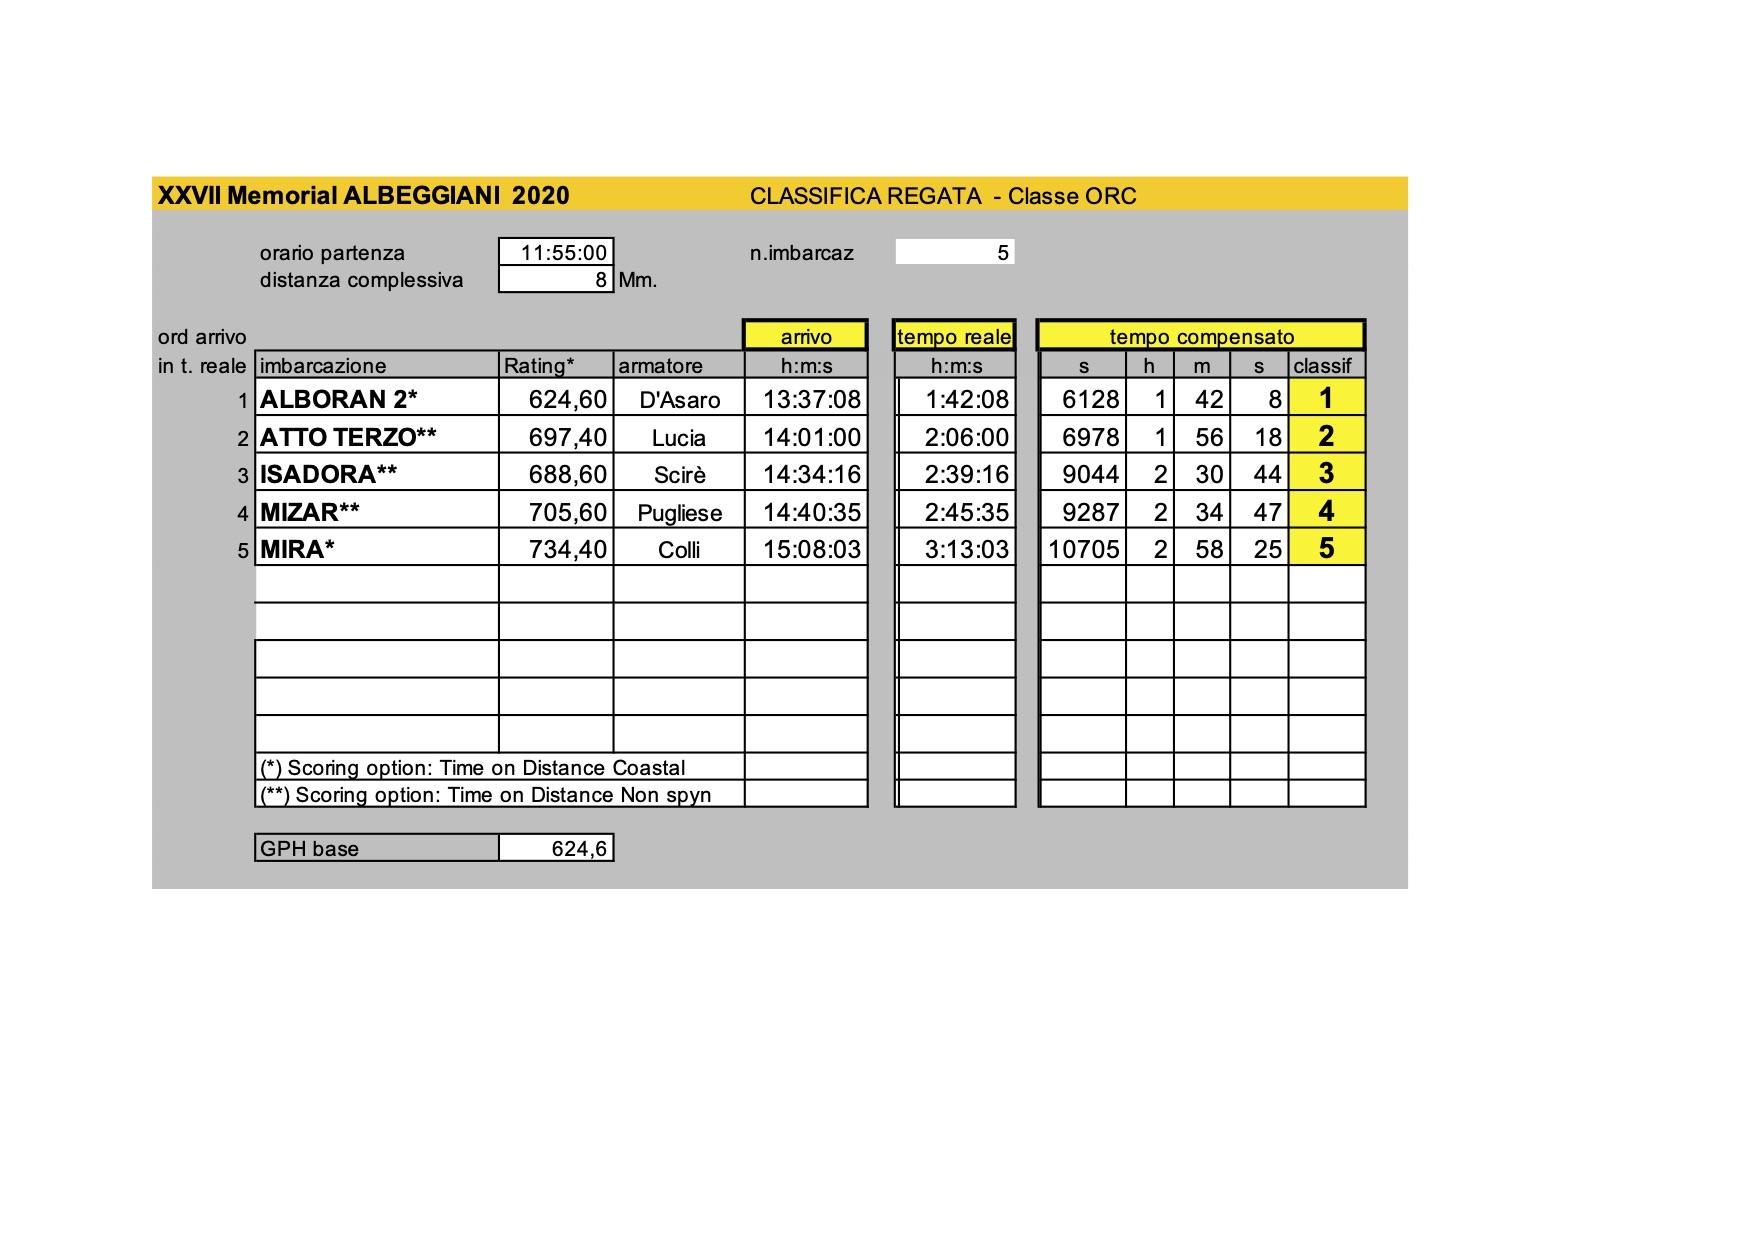 Classifiche_Albeggiani2020ORC.xls - Modalità compatibilità